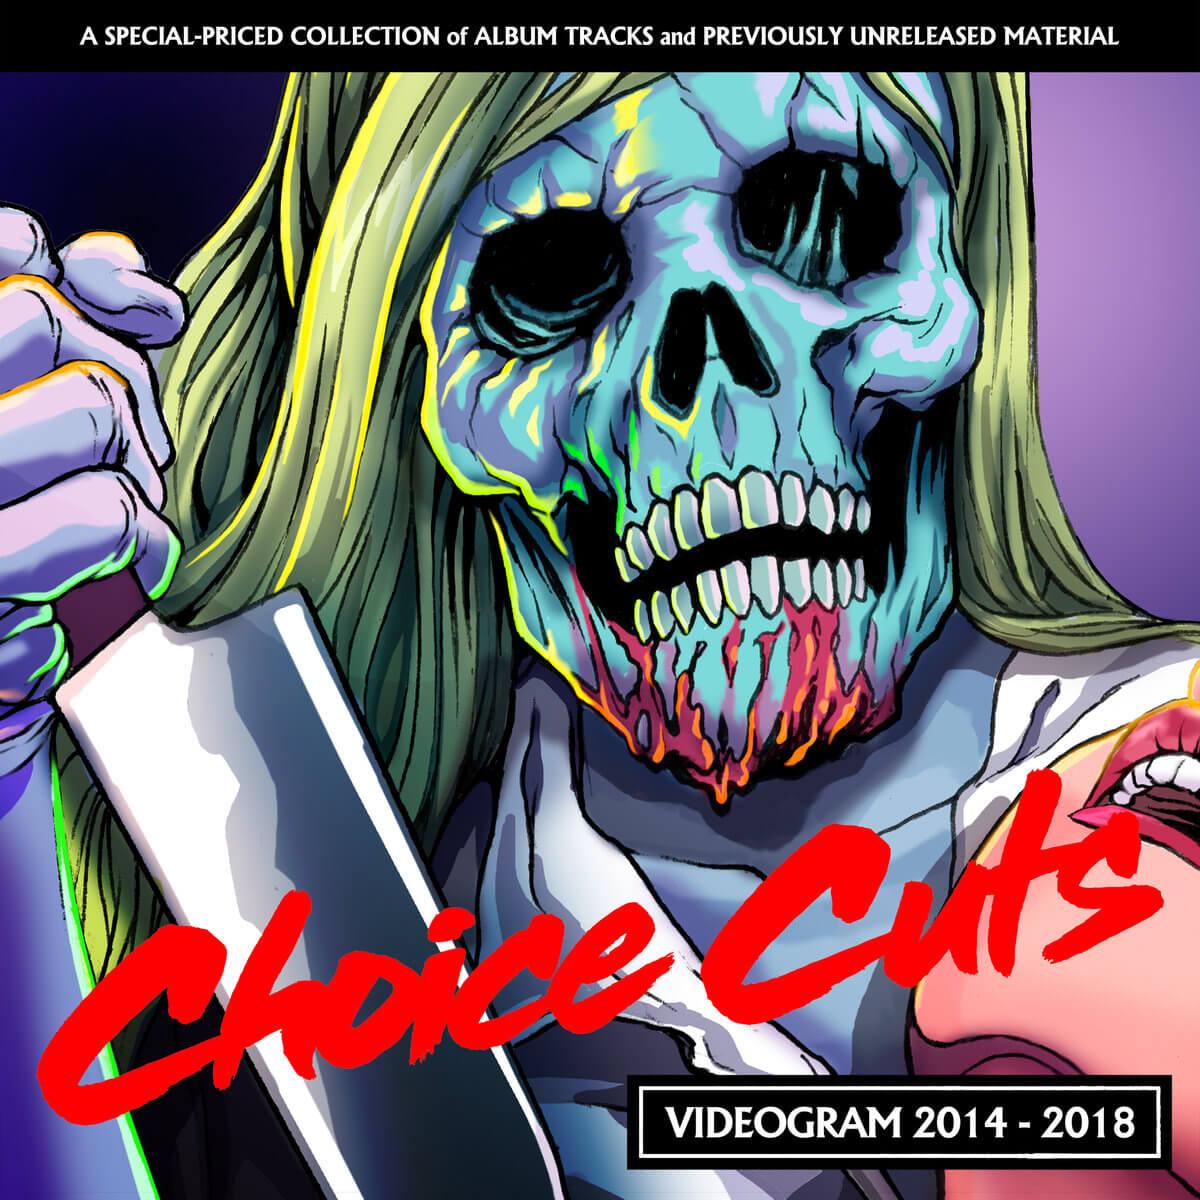 videogram choice cuts CD